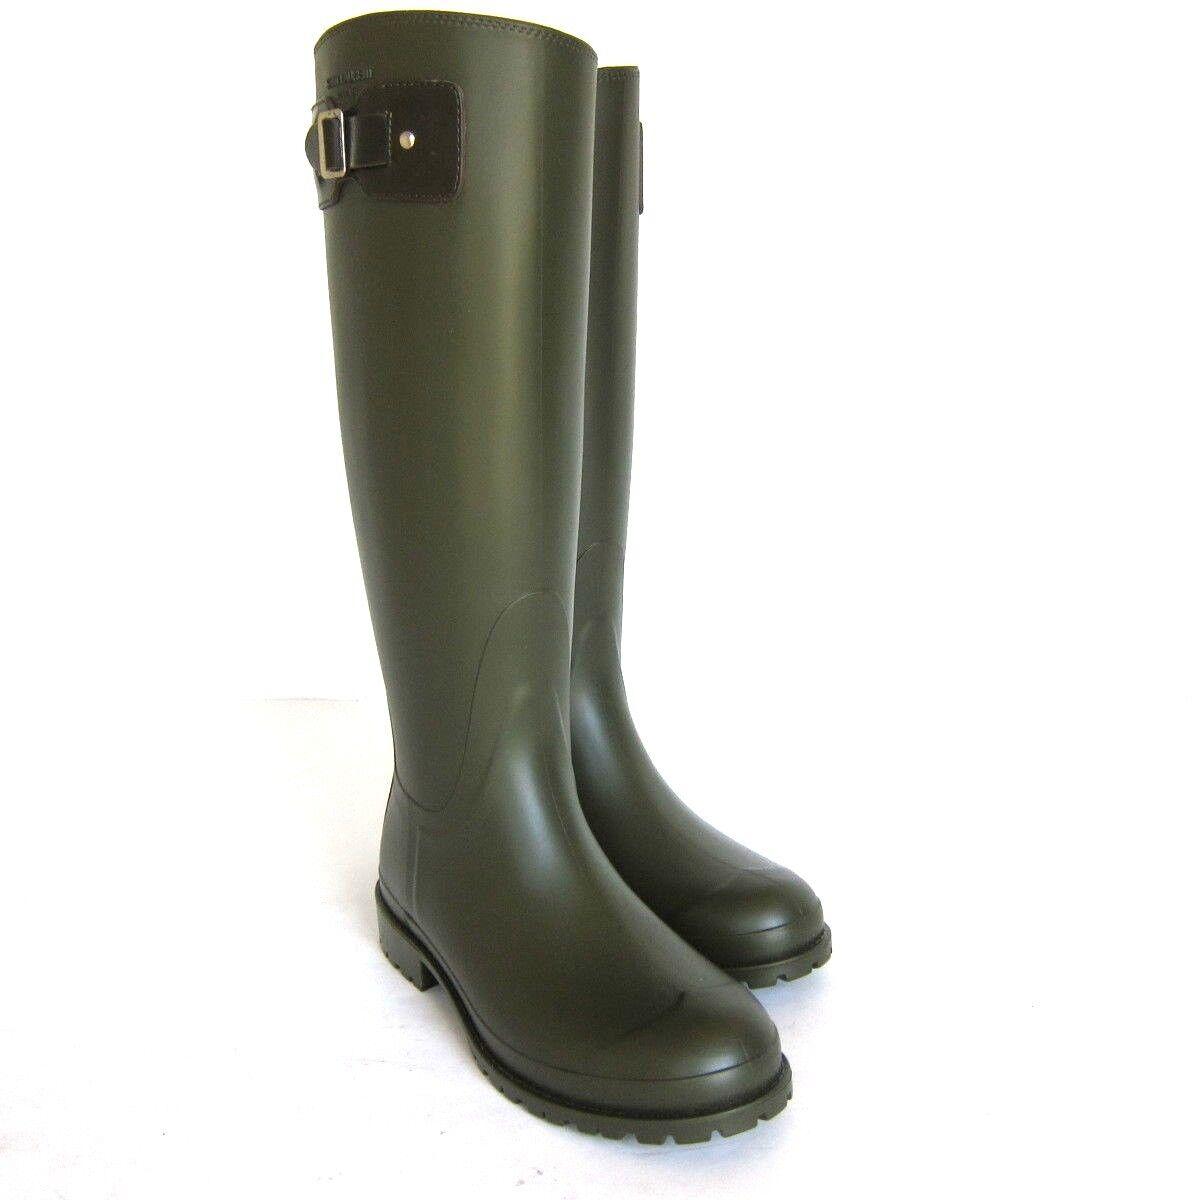 S-2224972 New Saint Laurent Khaki Rubber Rain Boots Shoes US 9/marked 39